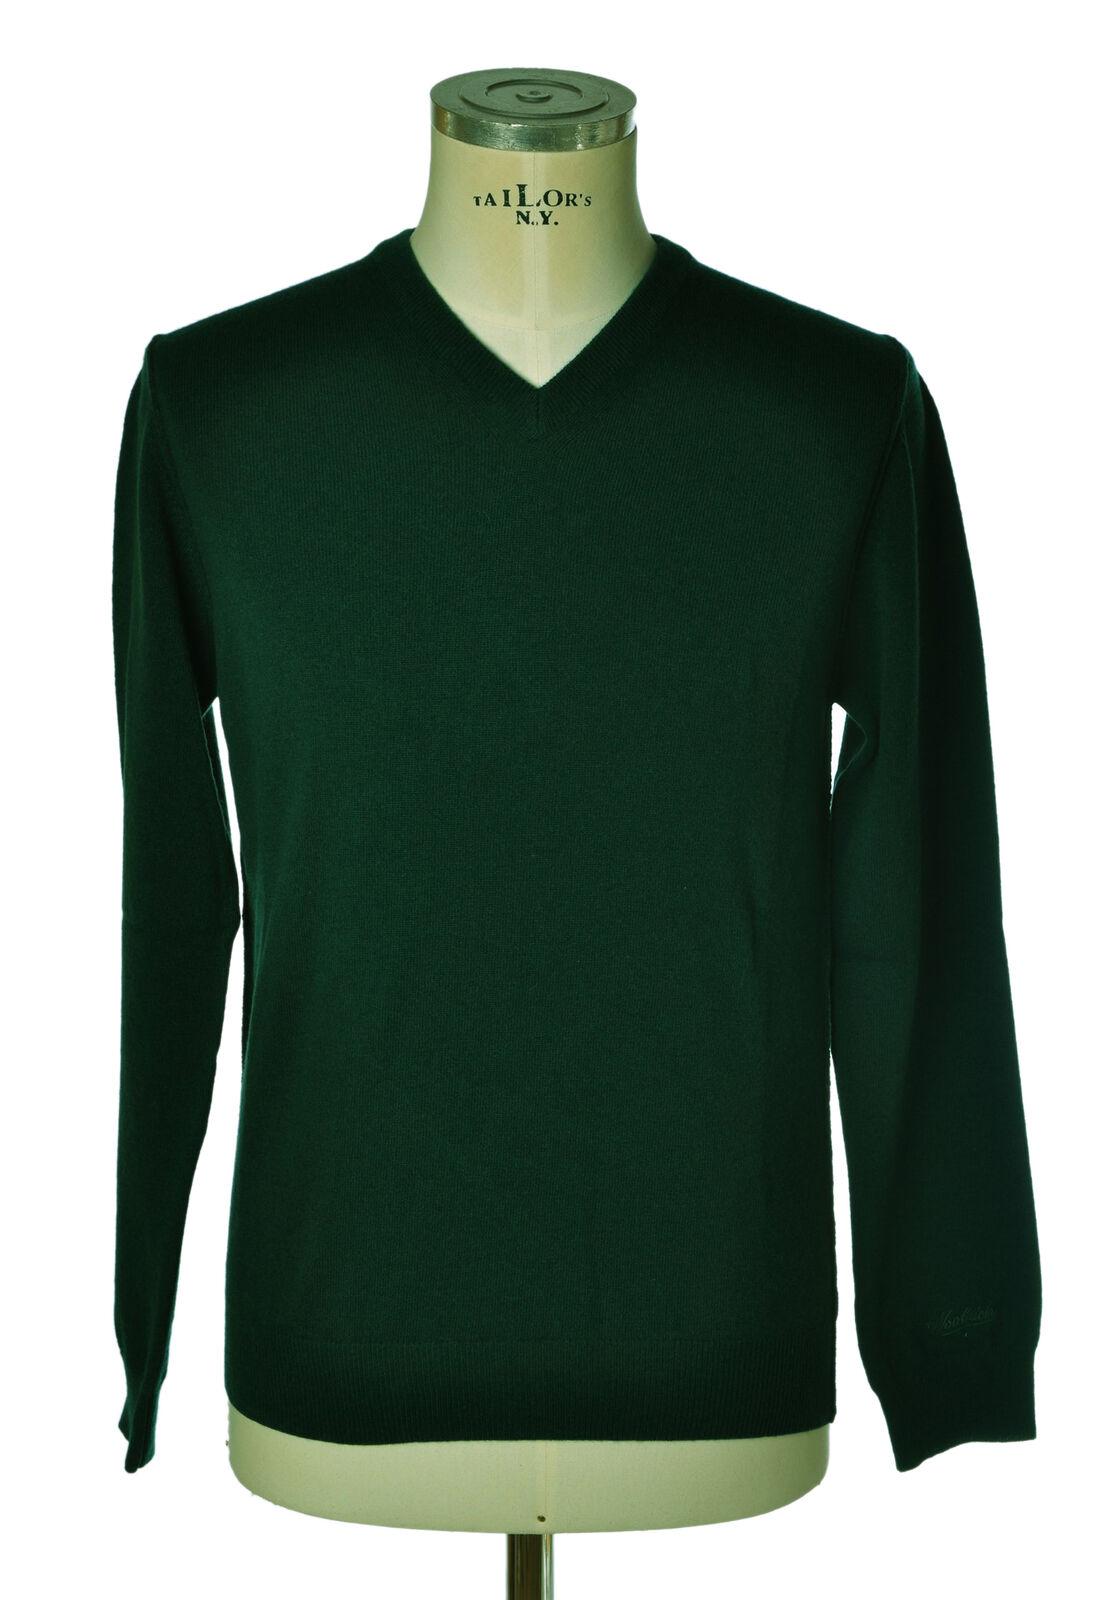 Woolrich - Knitwear-Sweaters - man - Grün - 733017C185001